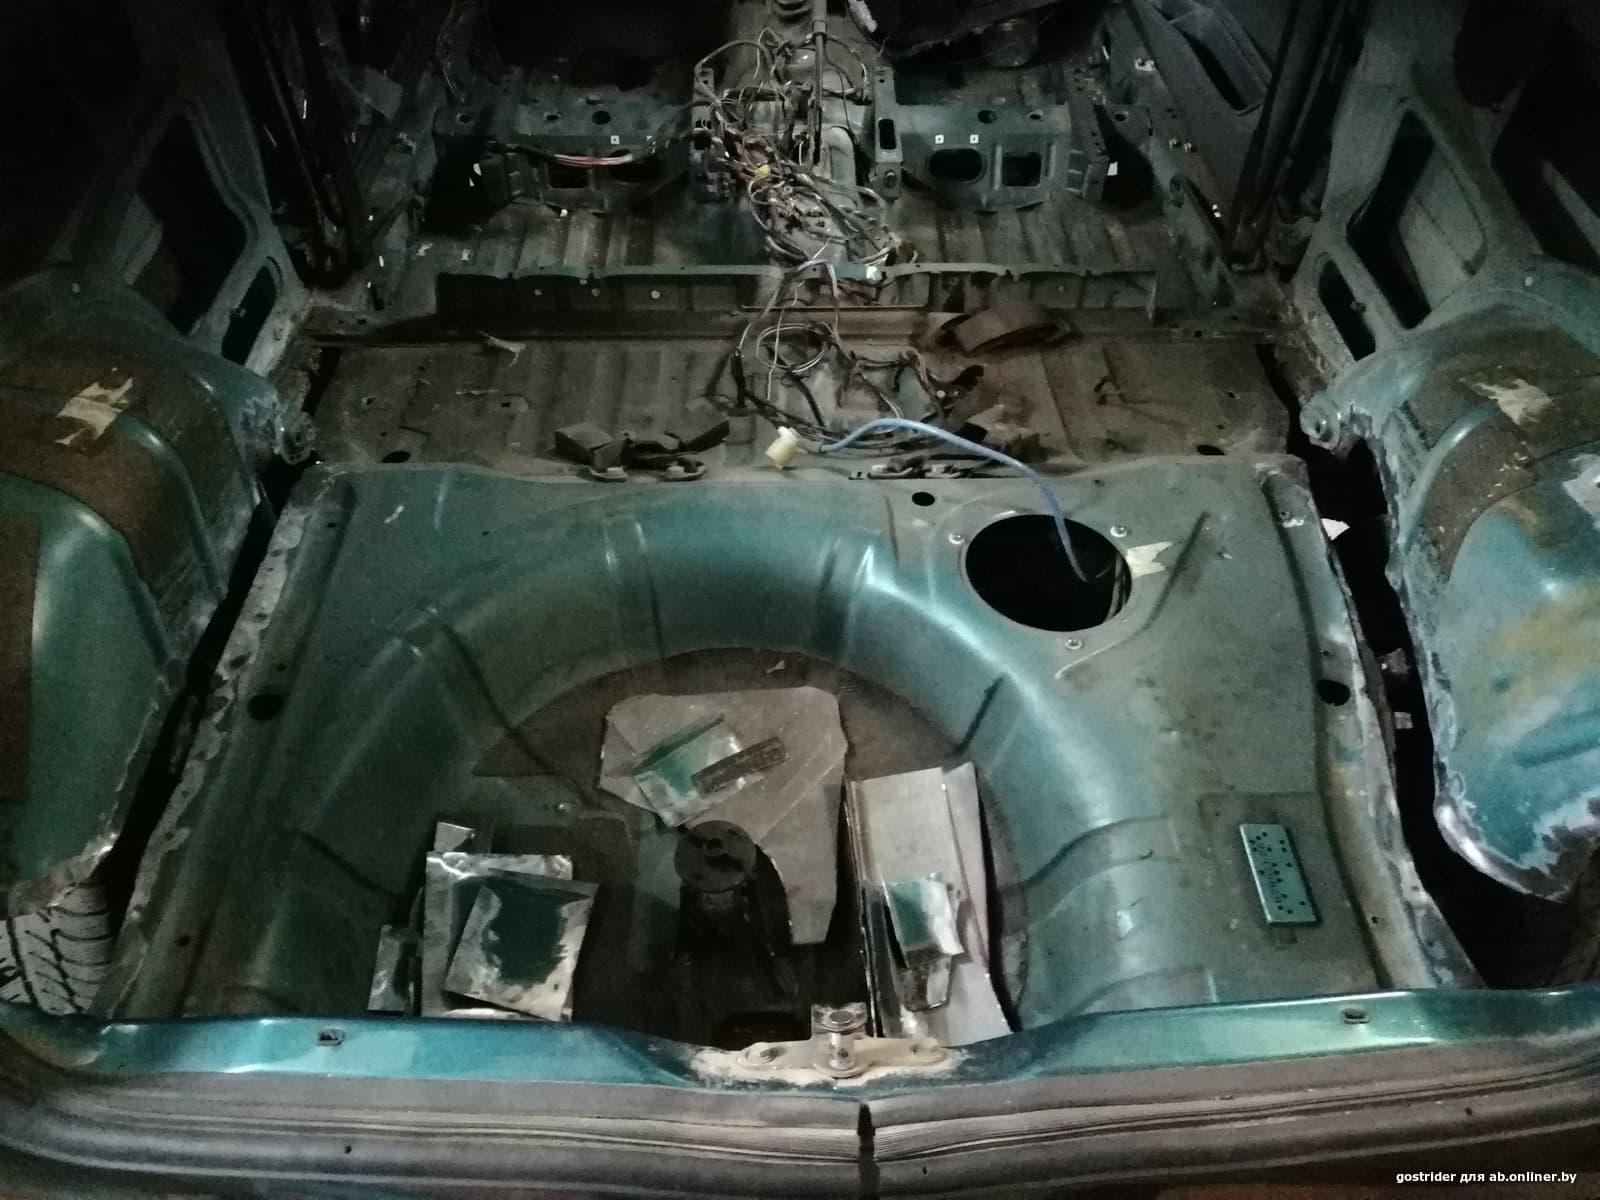 Alfa Romeo 145 Boxer